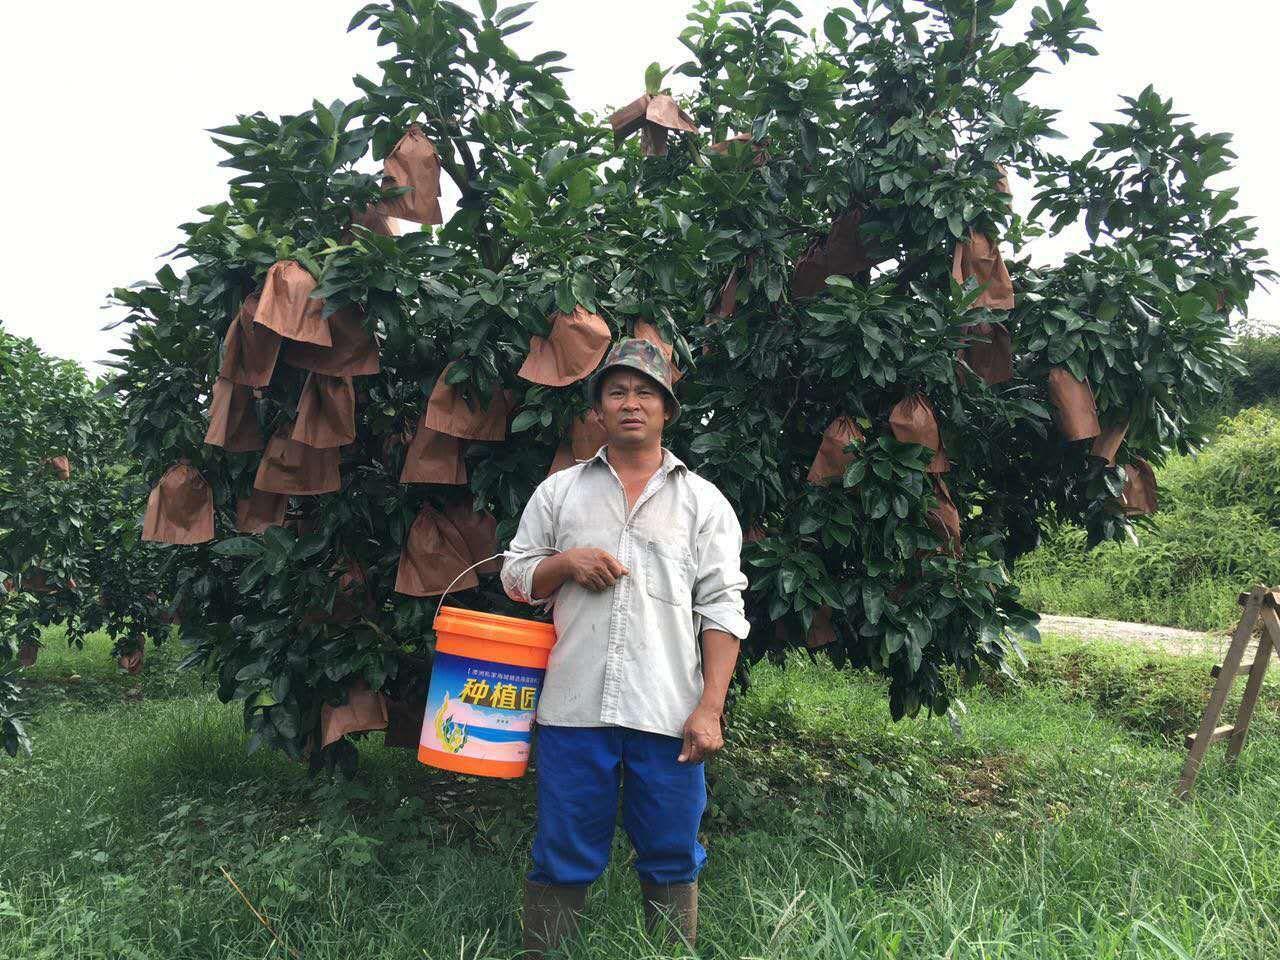 中华儿女一同来赞美 曲谱-近年来,梅州柚子种植面积大幅增加,然而,大规模发展的背后,却是